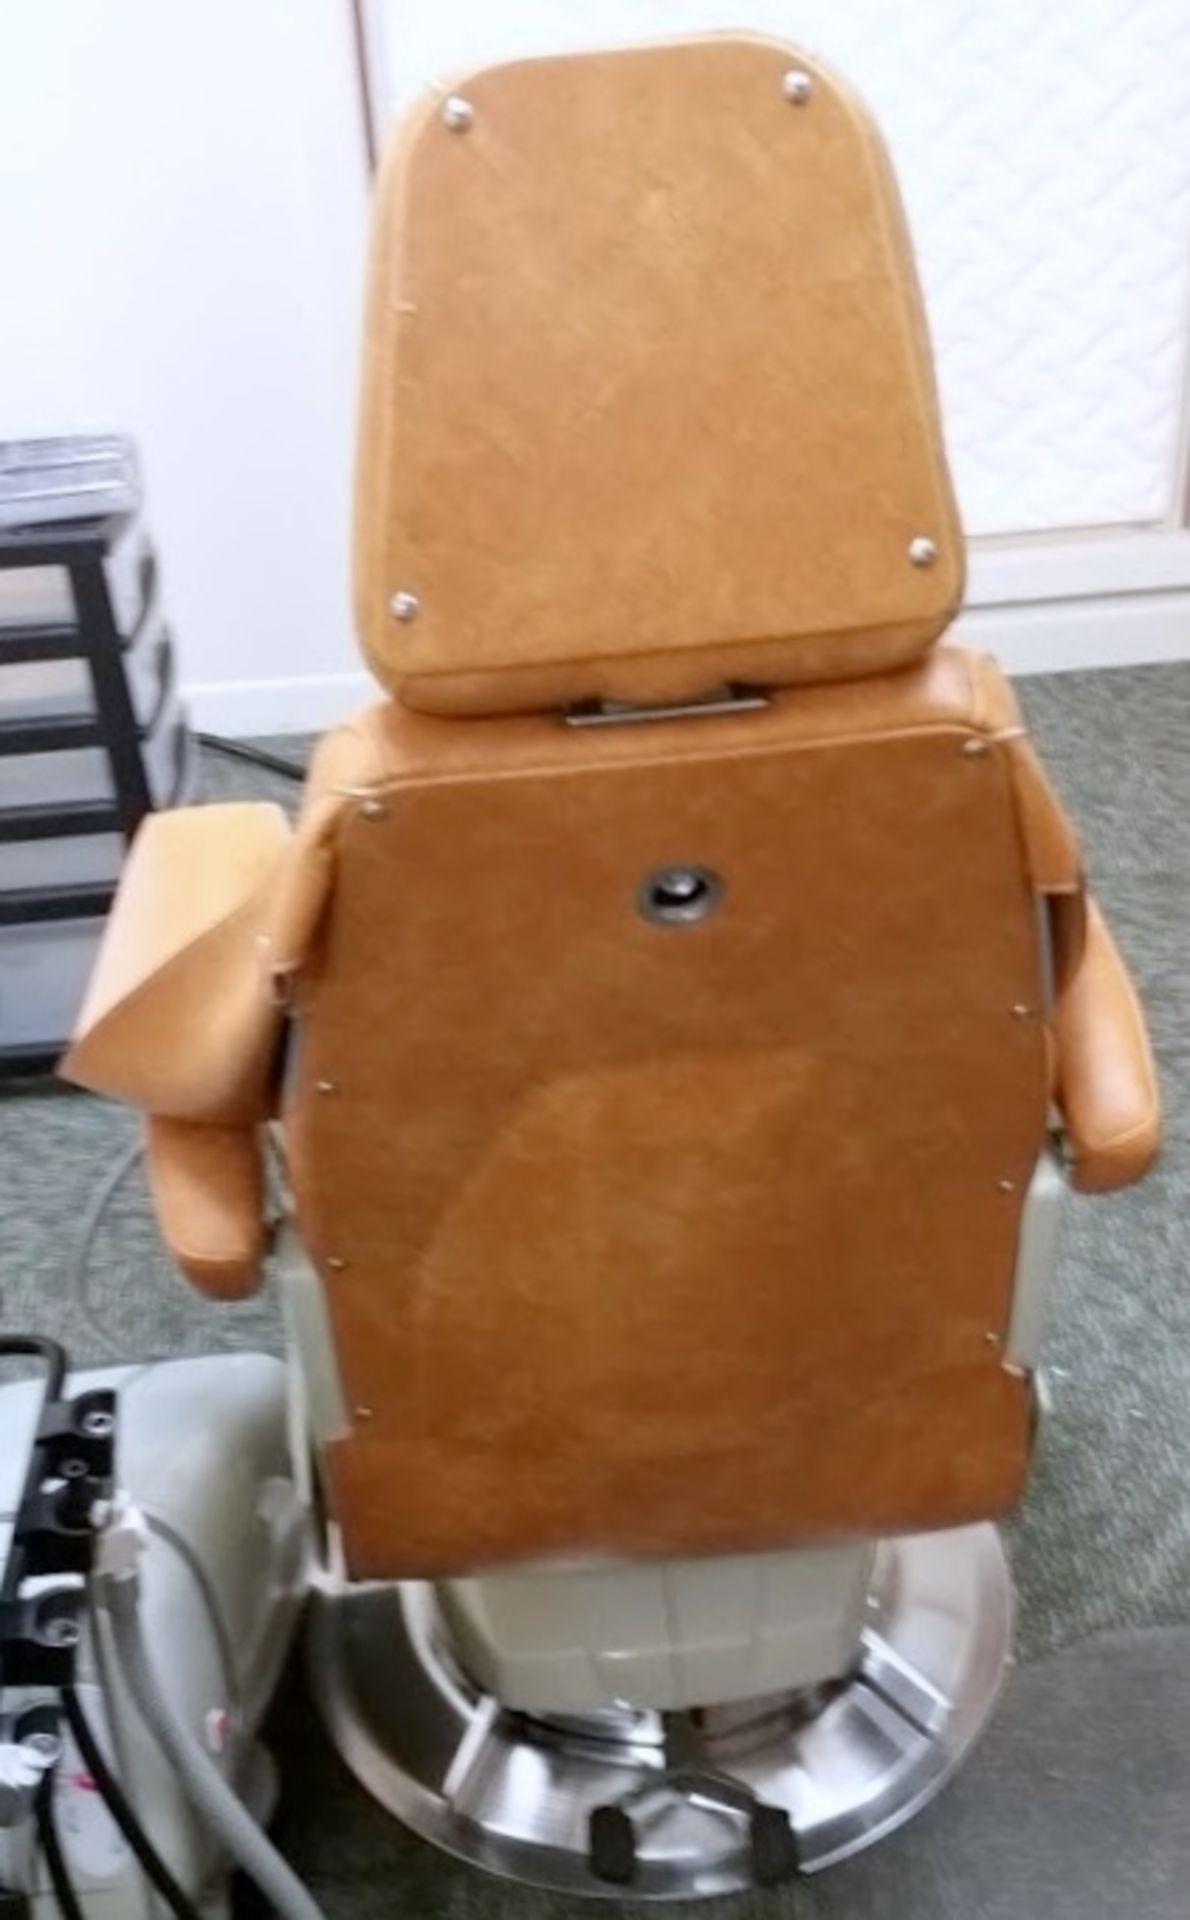 Belmont Model 019 adjustable Dental Chair - Image 5 of 5